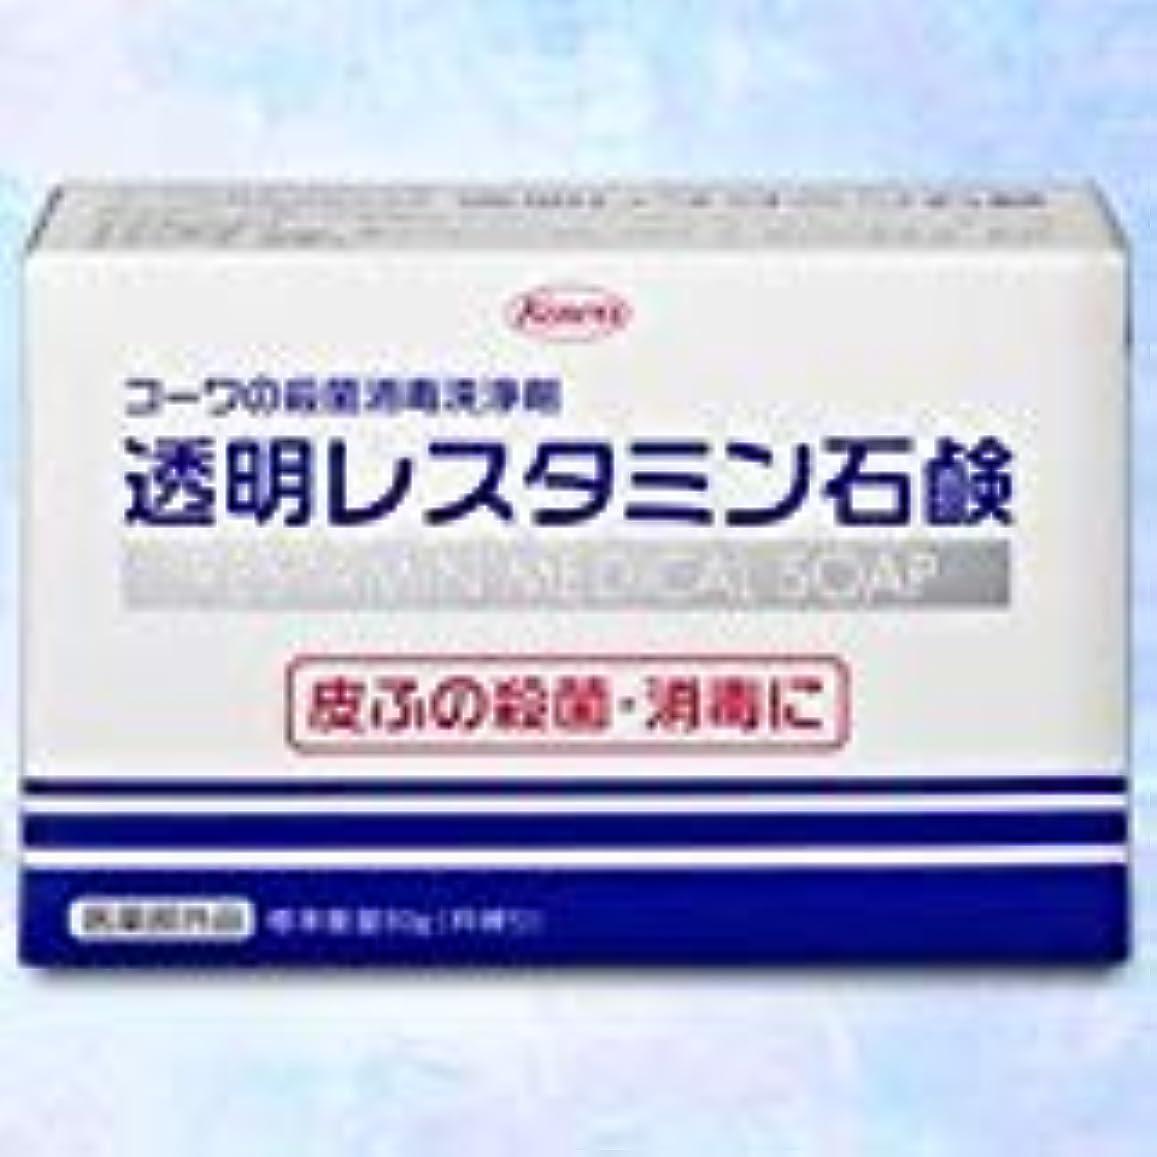 下に向けますレーニン主義起きる【興和】コーワの殺菌消毒洗浄剤「透明レスタミン石鹸」80g(医薬部外品) ×5個セット